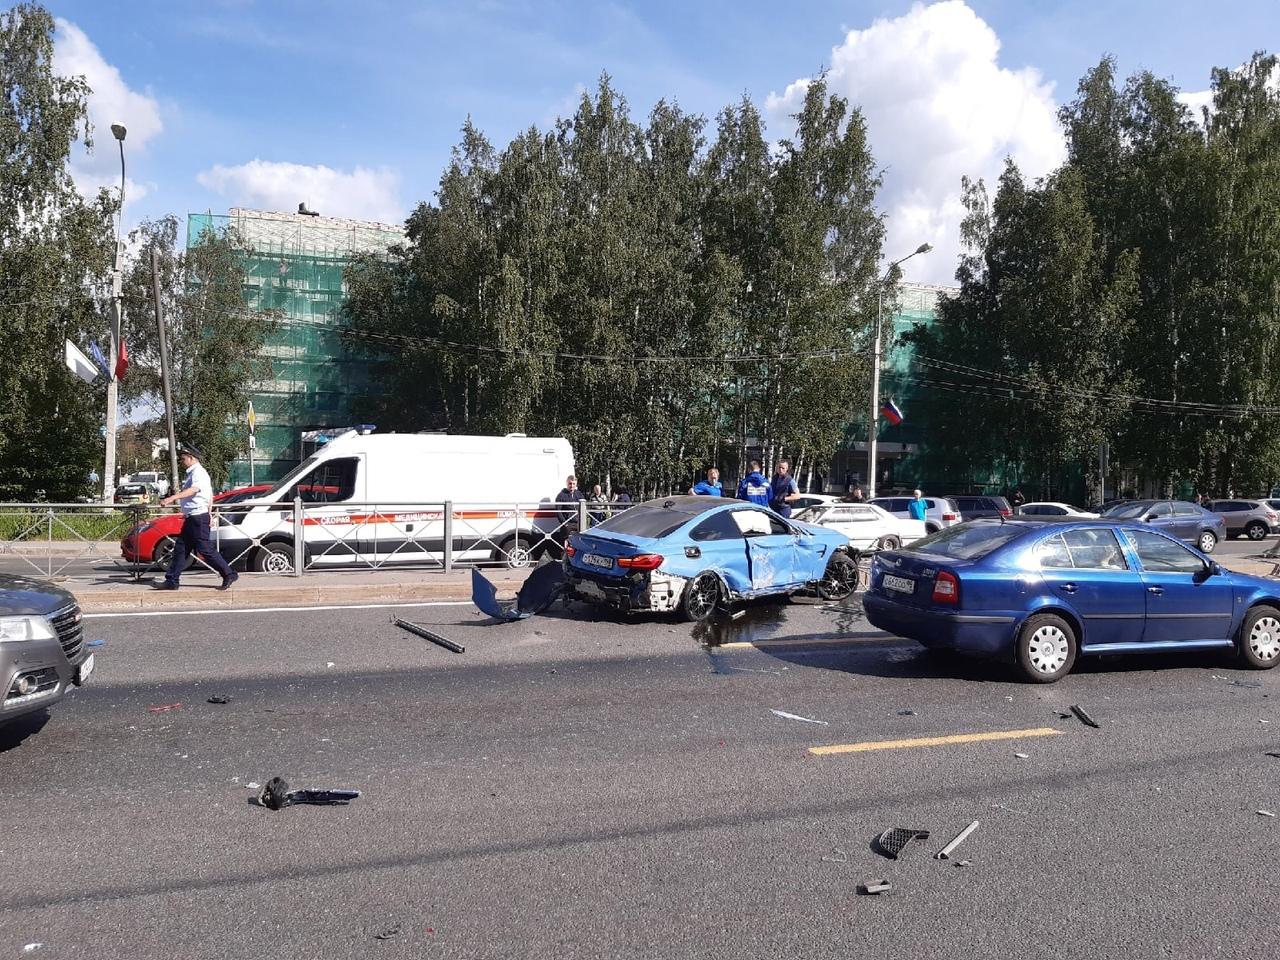 На Дороге Жизни возле Всеволожской ЦКБ в 9:15 водитель синей БМВ решил понтануться, резко дал по газ...